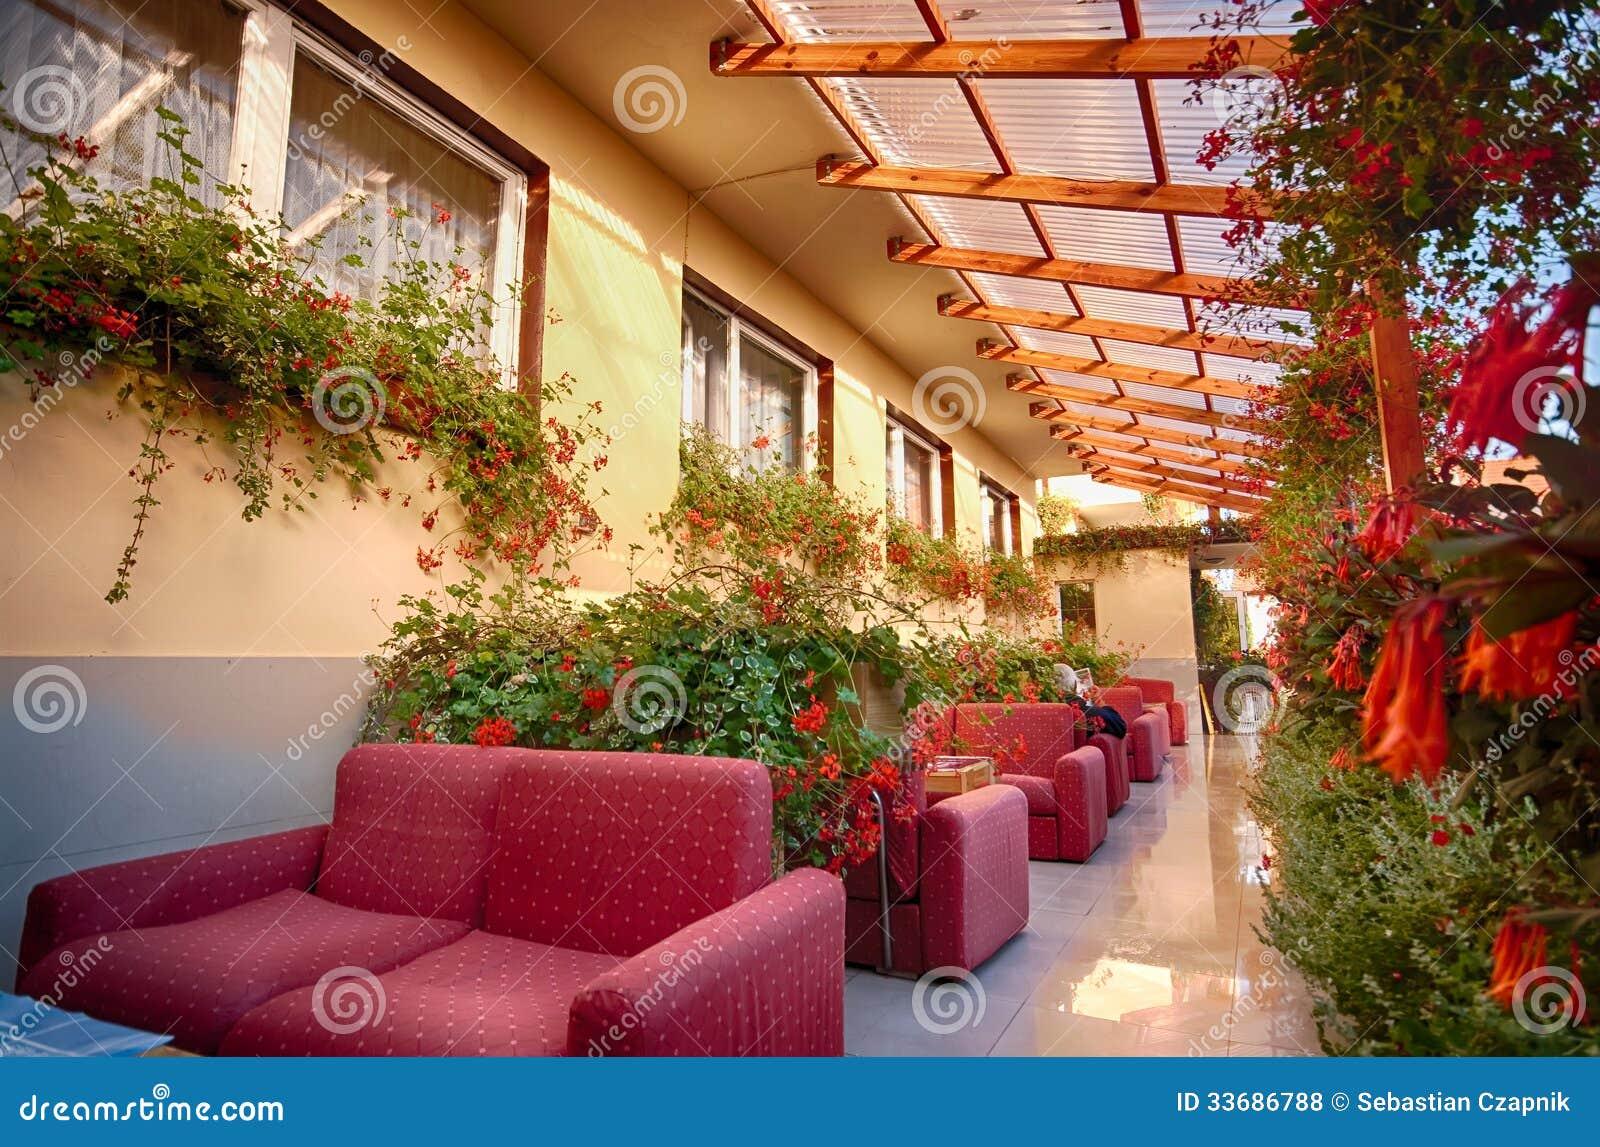 Trädgårds- Uteplats Med Soffor Och Blommor Royaltyfria Foton ...